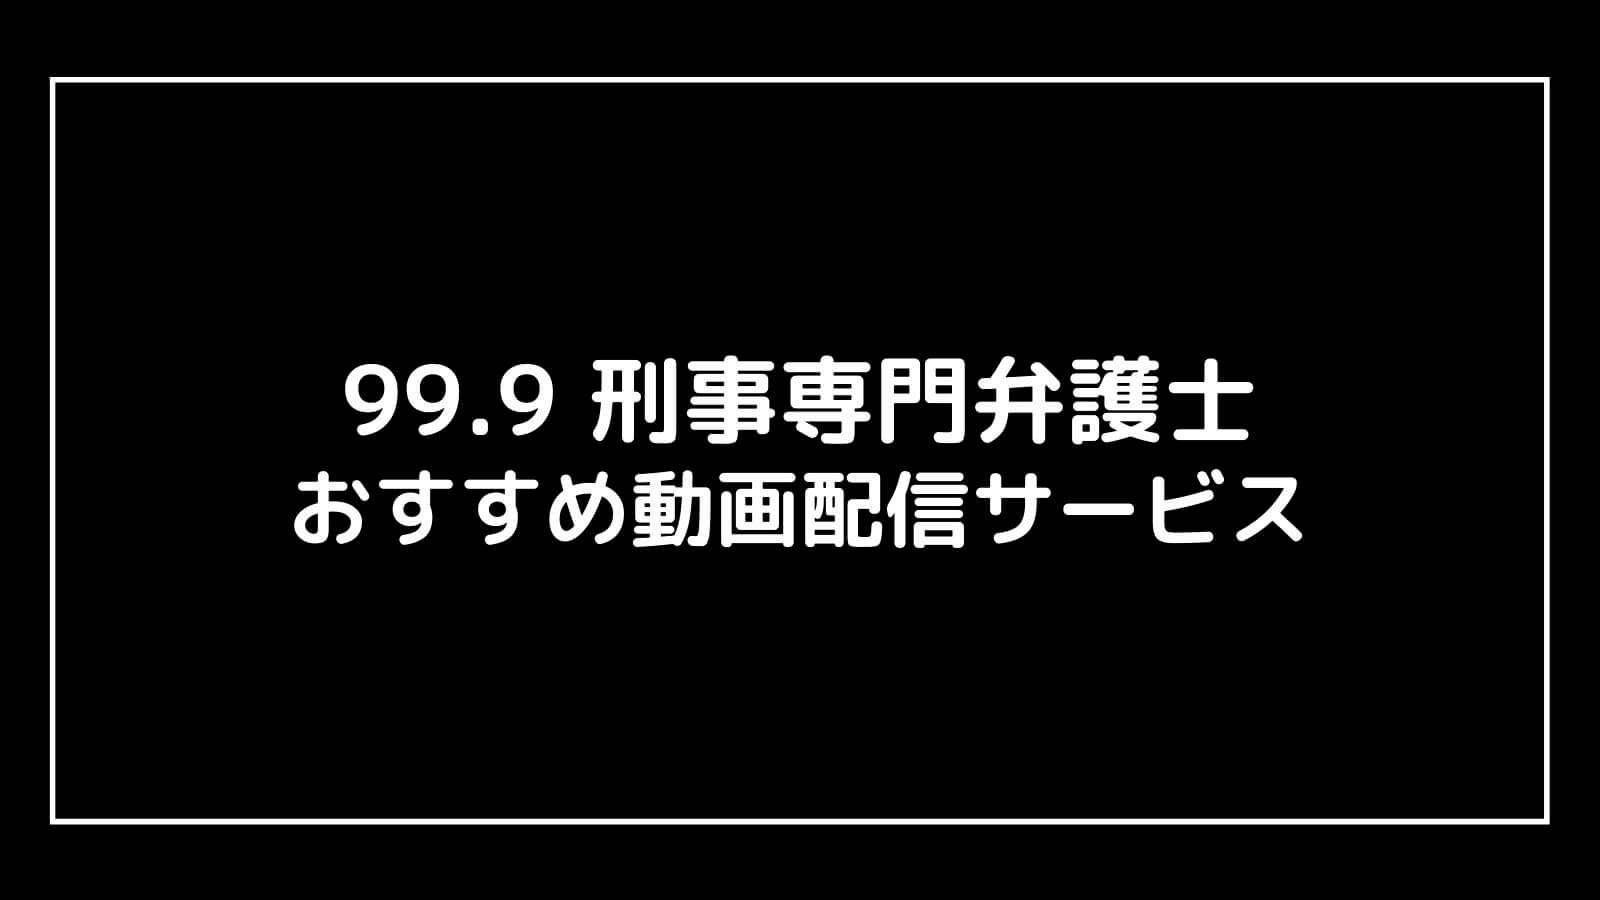 『99.9 刑事専門弁護士』見逃し配信を全話無料視聴できる動画配信サービス